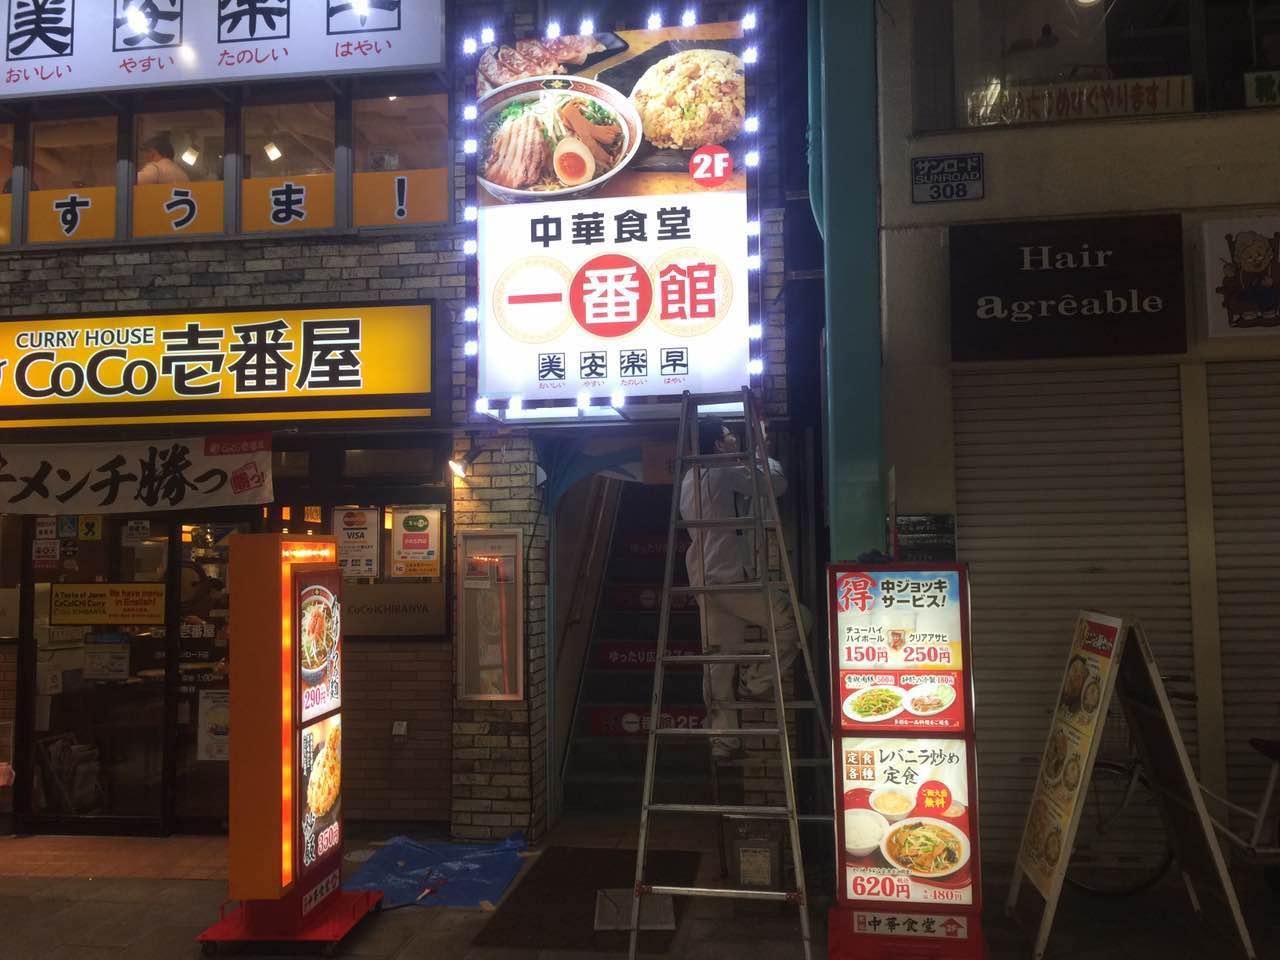 中華一番館の工事